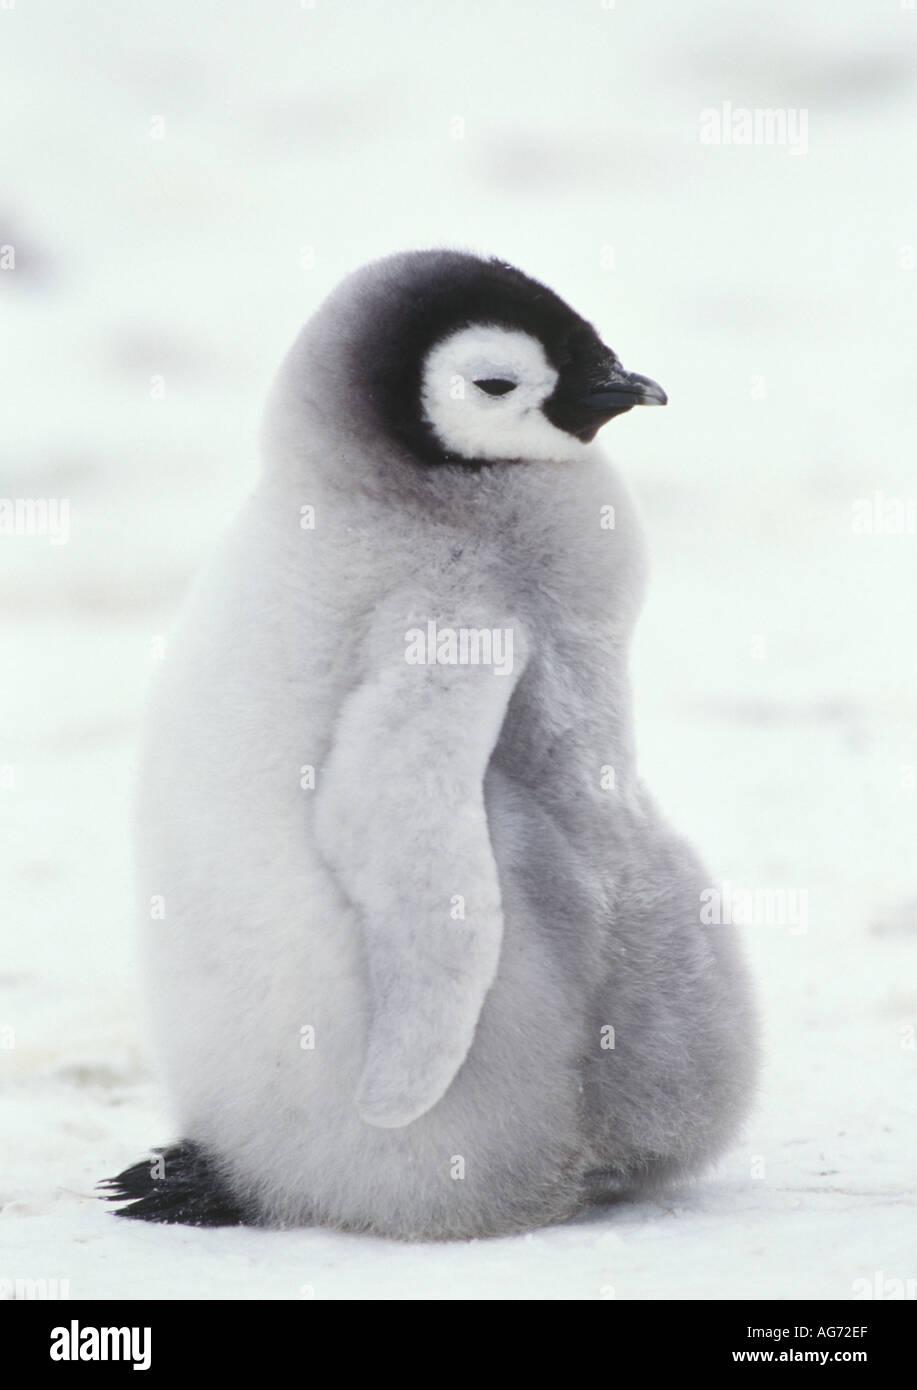 fluffy cute baby emperor